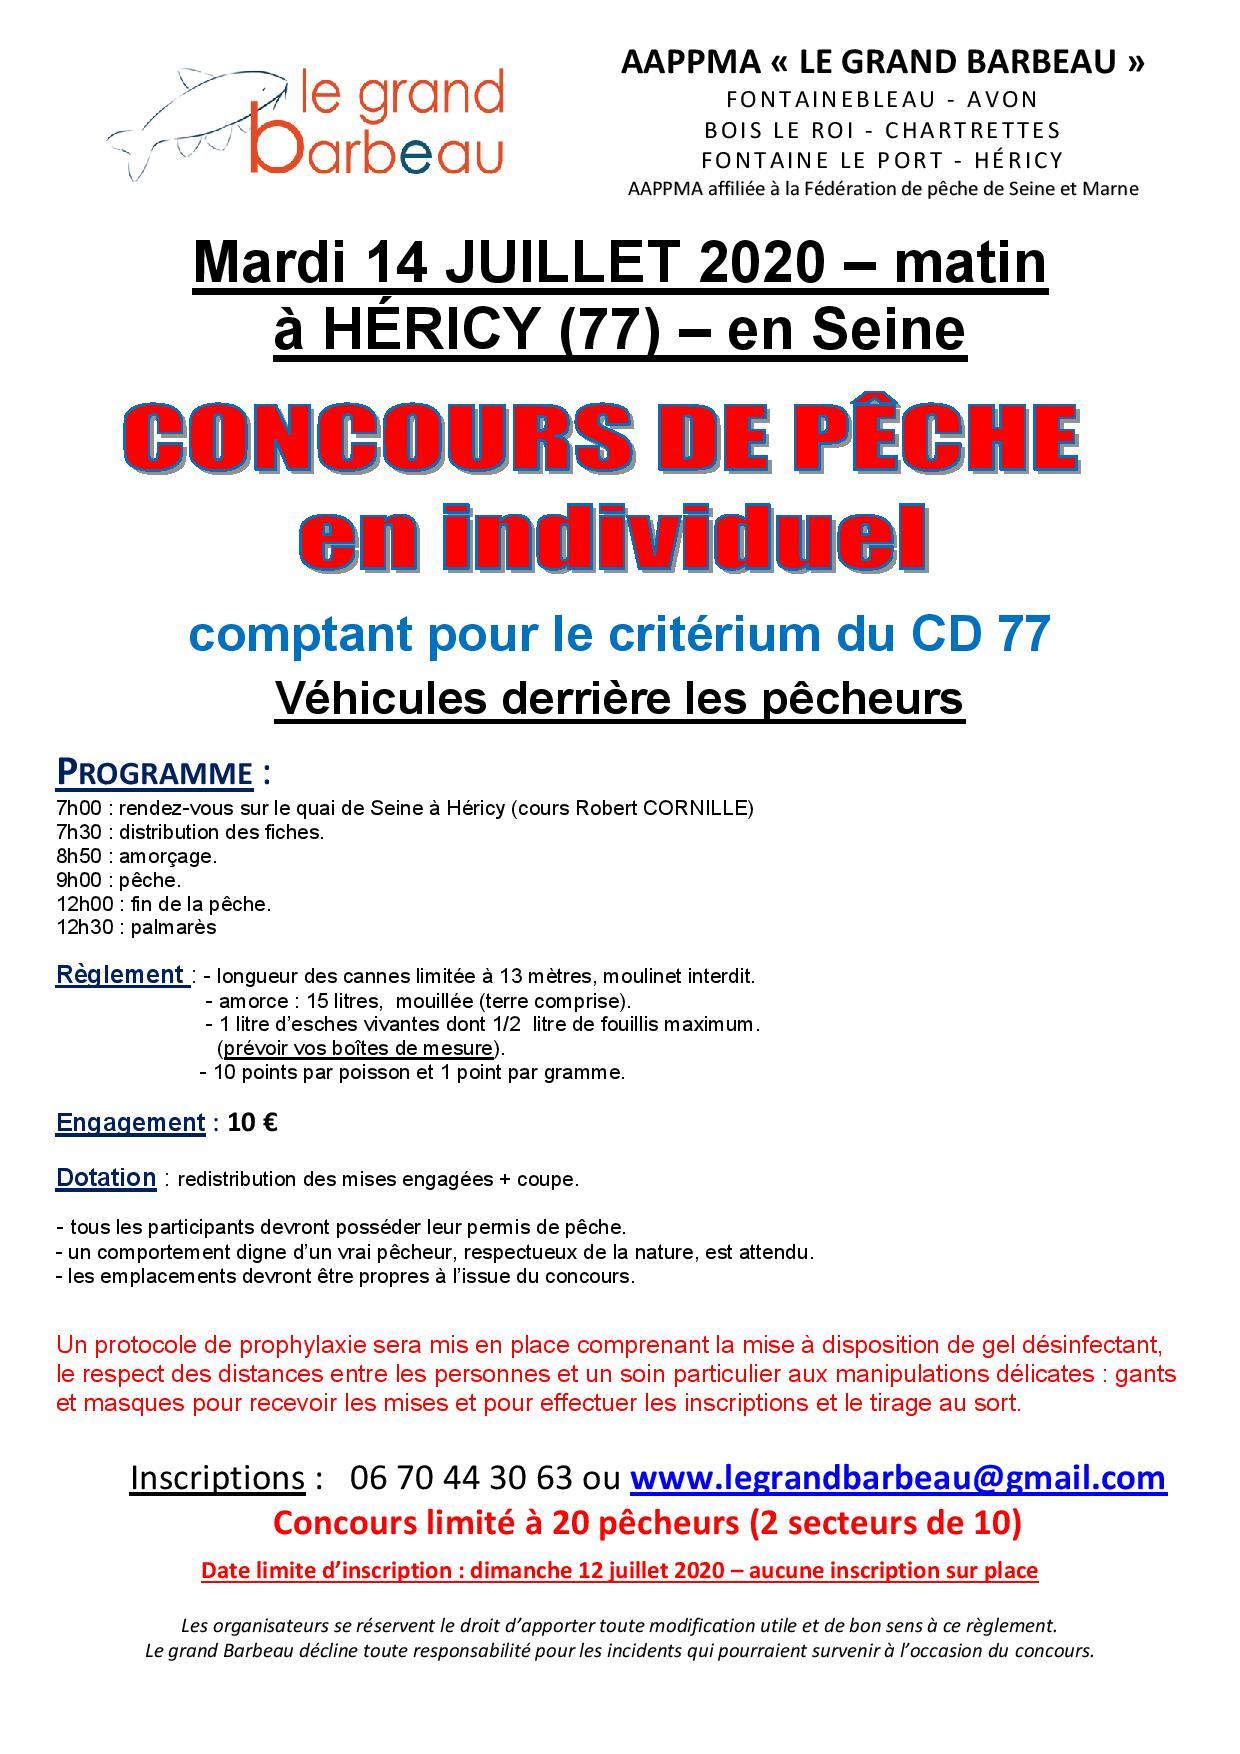 affiche concours 14 juillet 2020-page-001